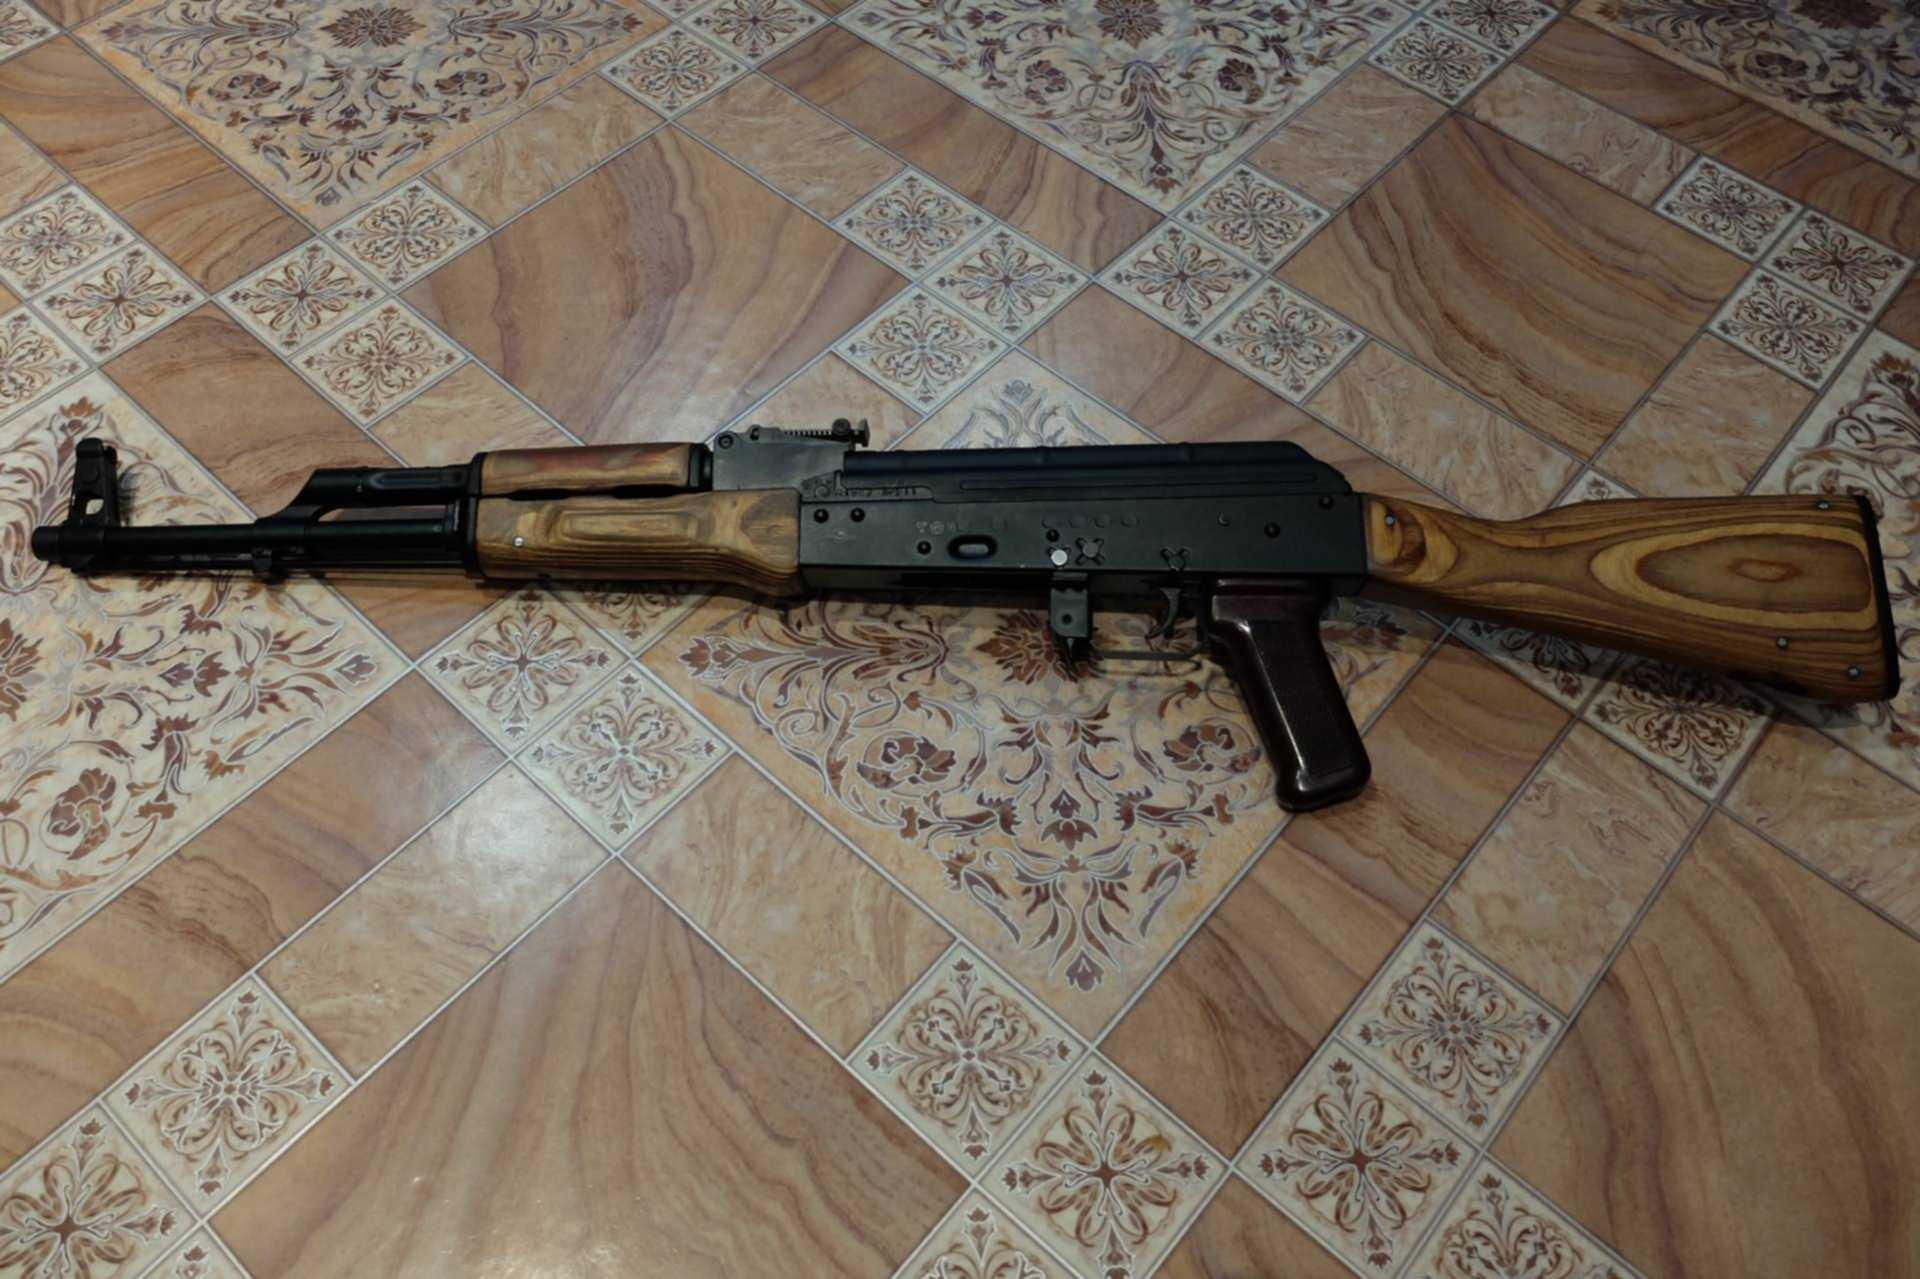 Гладкоствольное ружьё Сайга-366 калибр 366 ТКМ